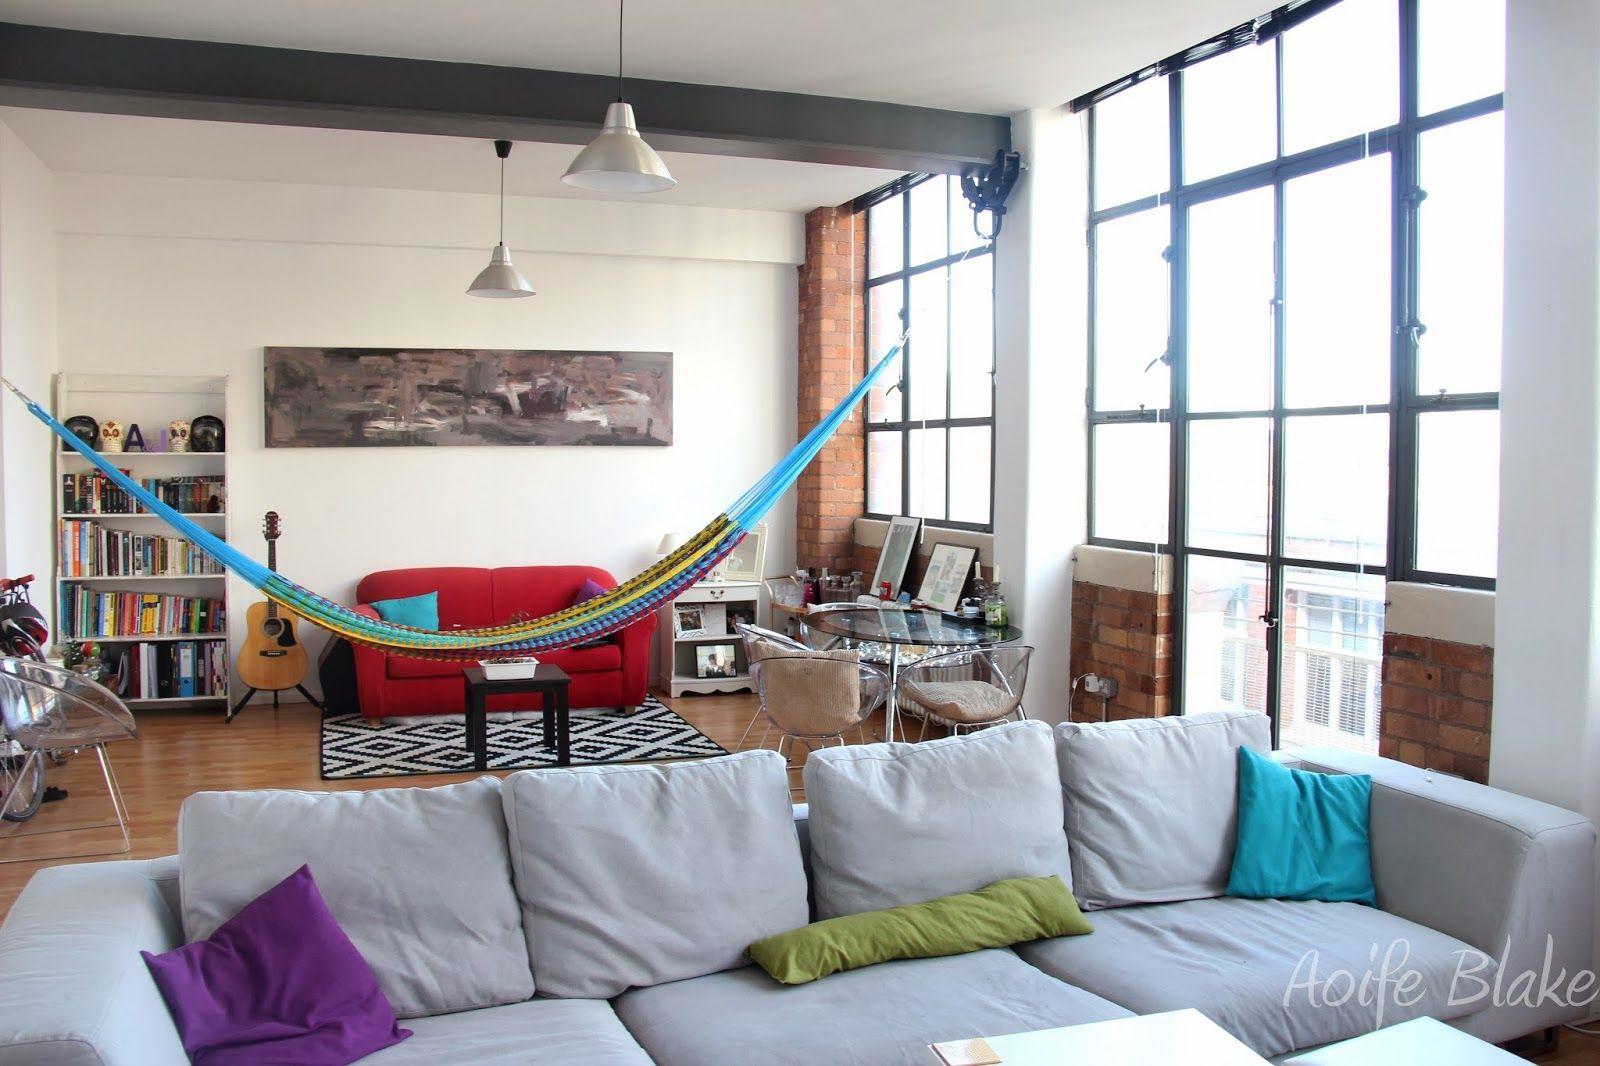 Delicieux Hammock In The Living Room | Wonen | Pinterest | Indoor Hammock, Indoor And  Budgeting